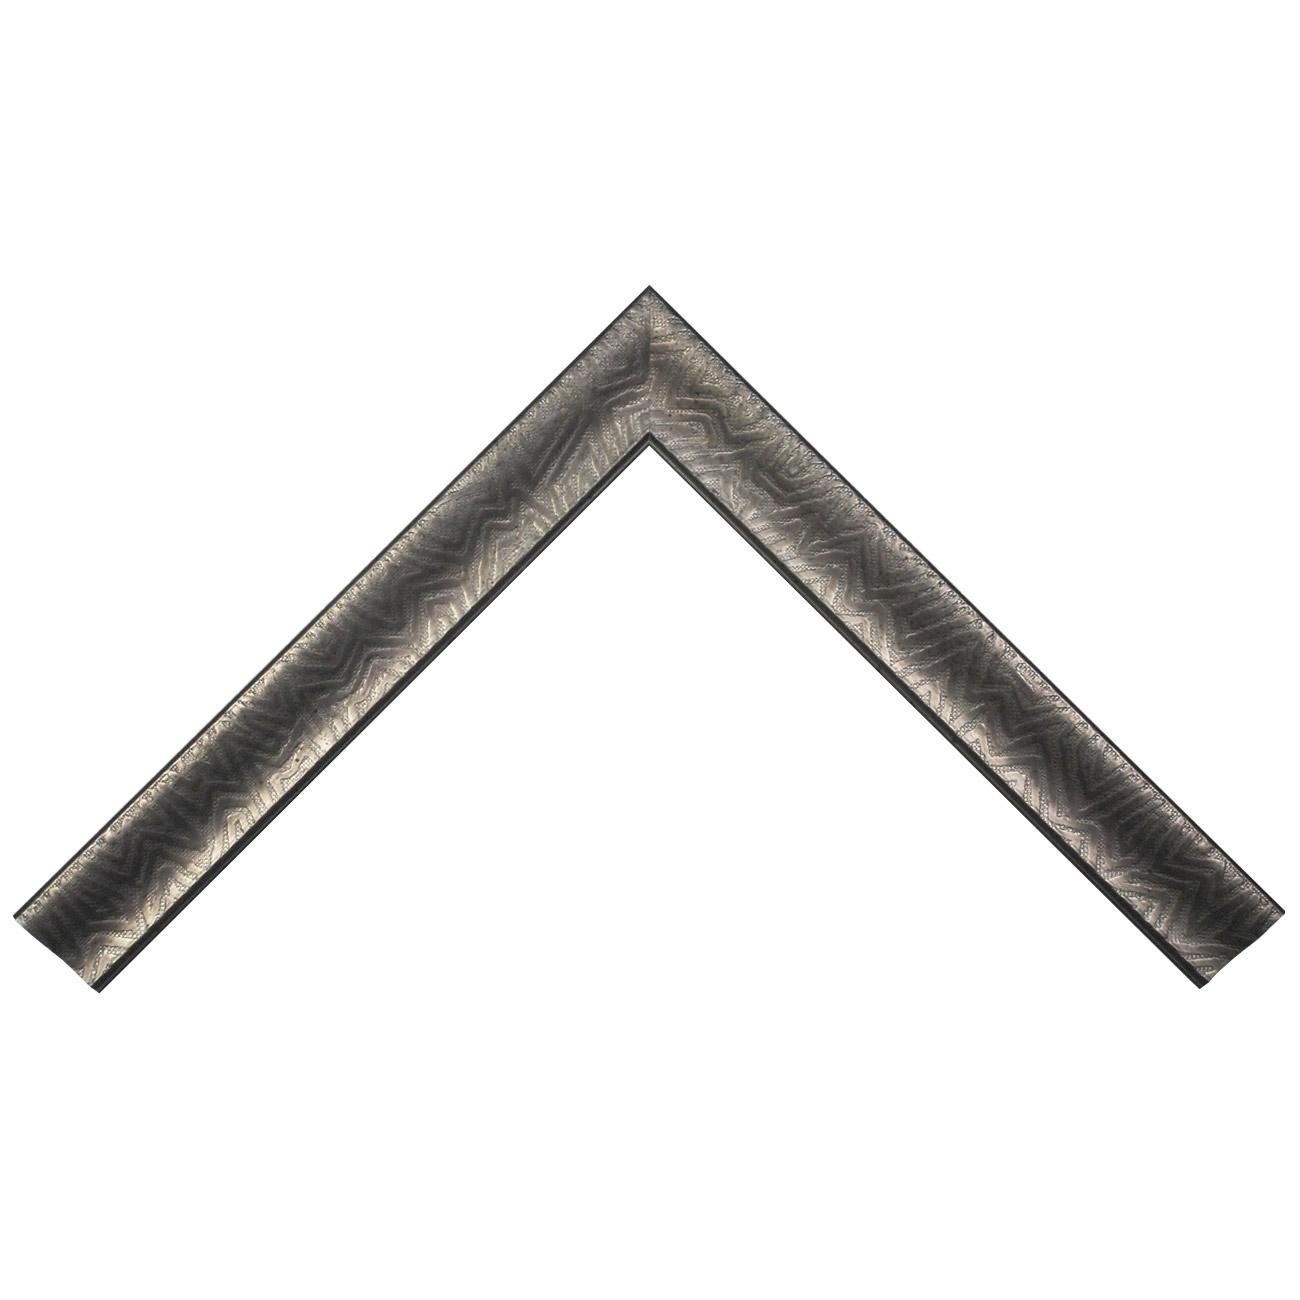 Baguette bois profil incurvé largeur 4.5cm plombs foncé finition aspect cuir